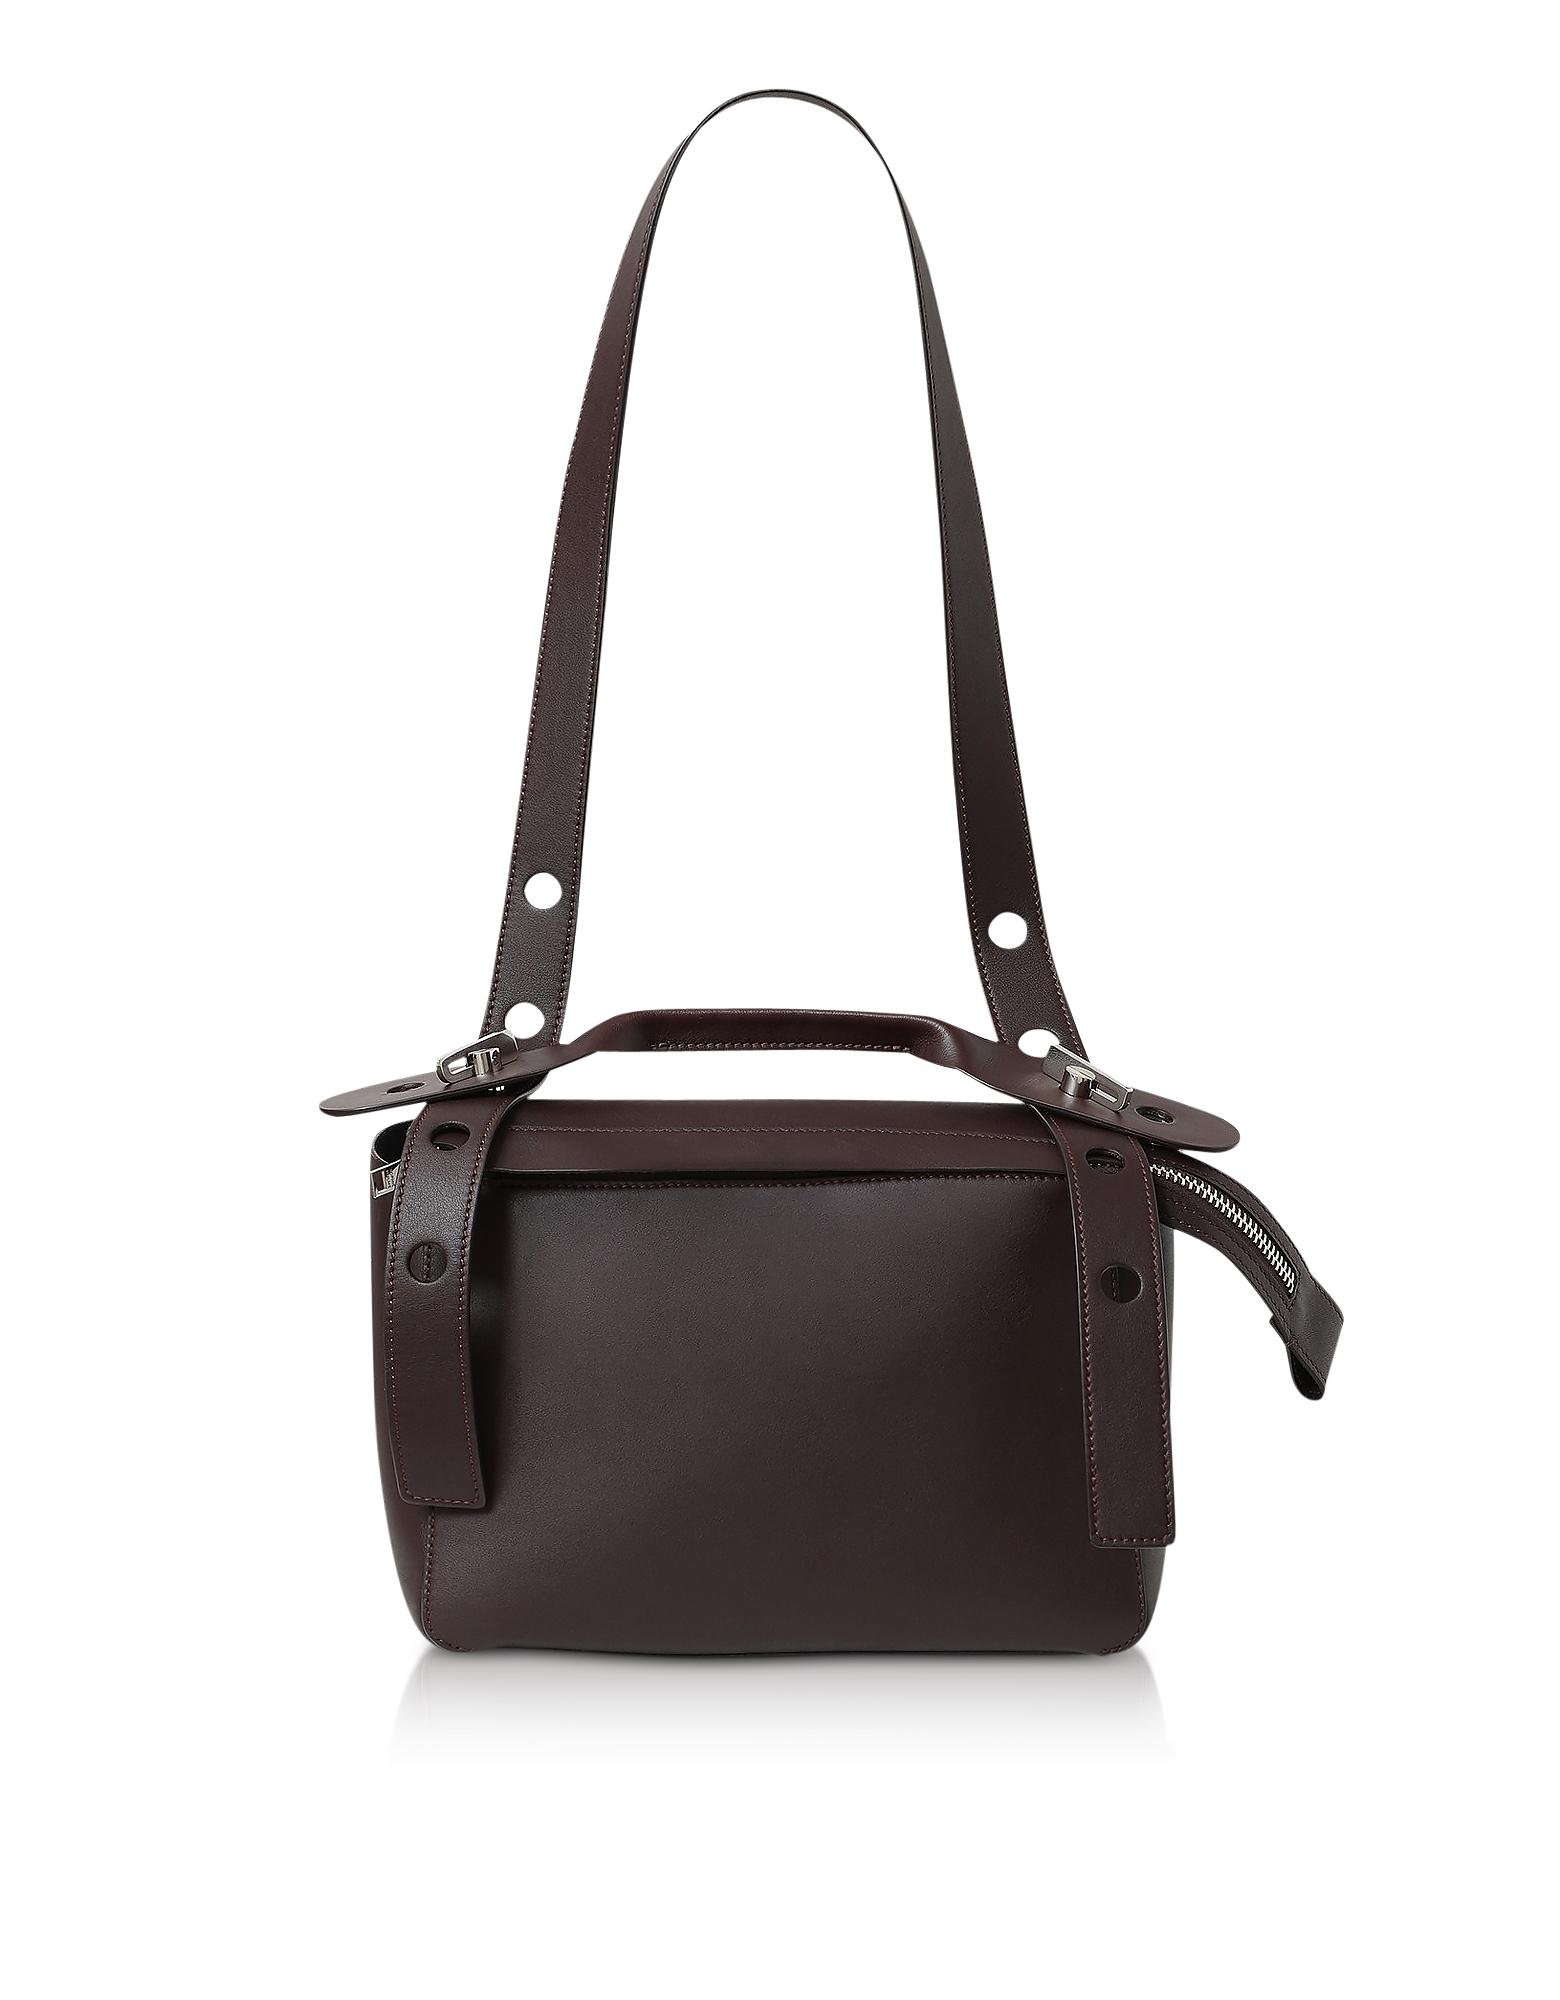 Oxblood The Bold Shoulder Bag